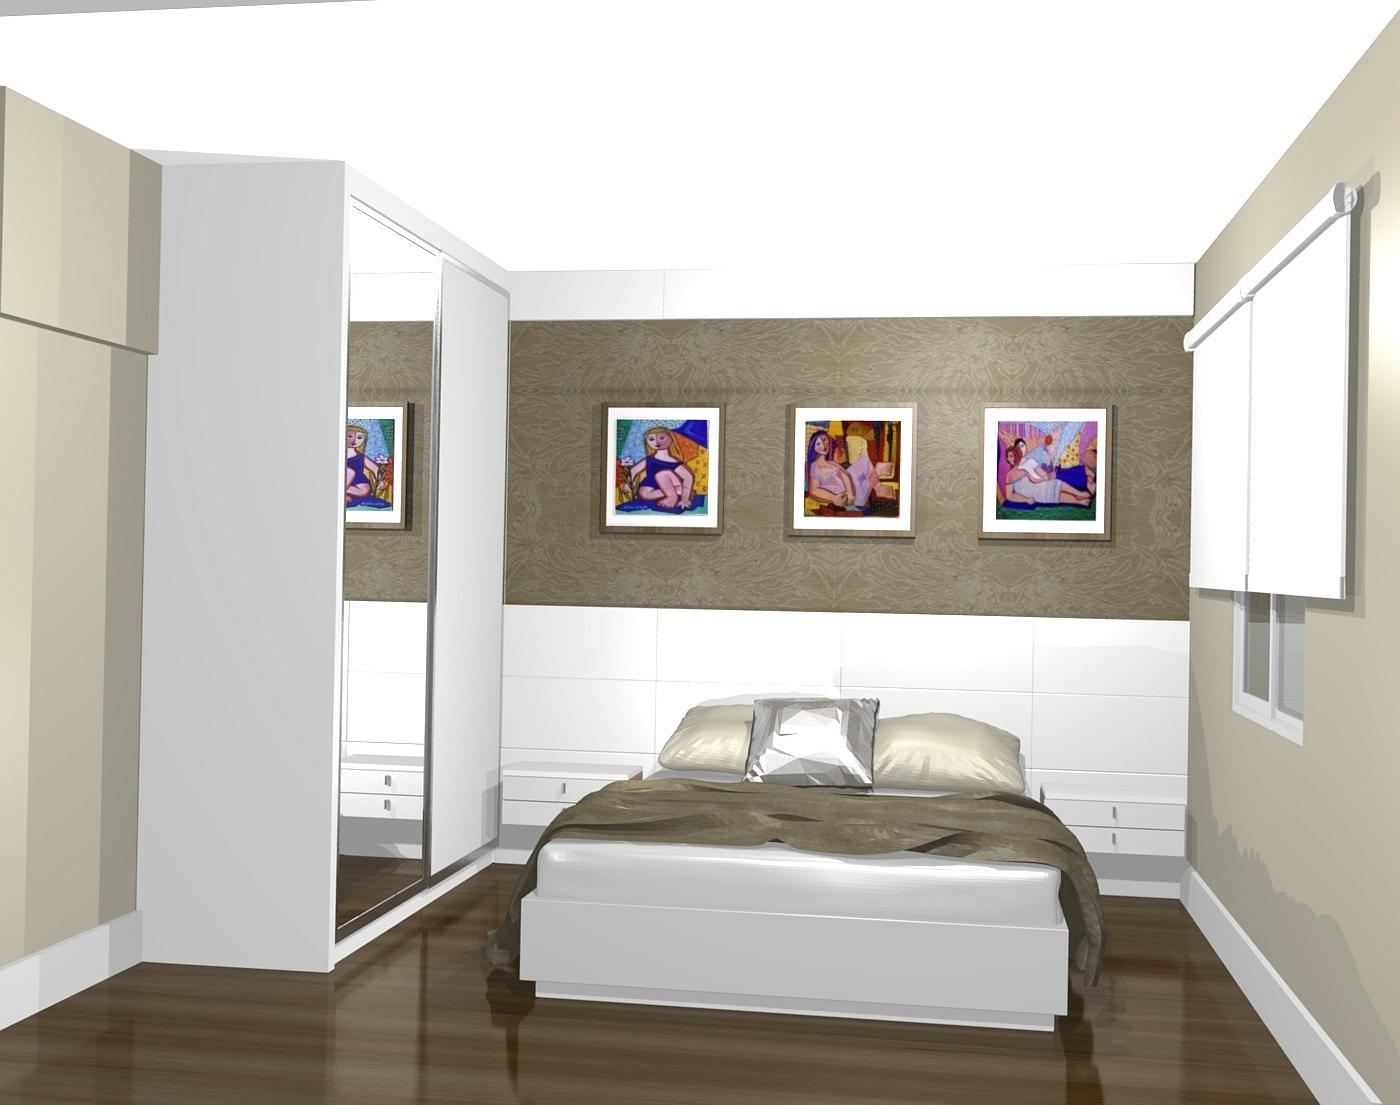 decoracao moveis branco:Postado por MÓVEIS PLANEJADOS CASACOR ARMÁRIOS NOIVA 3D MARCENARIA